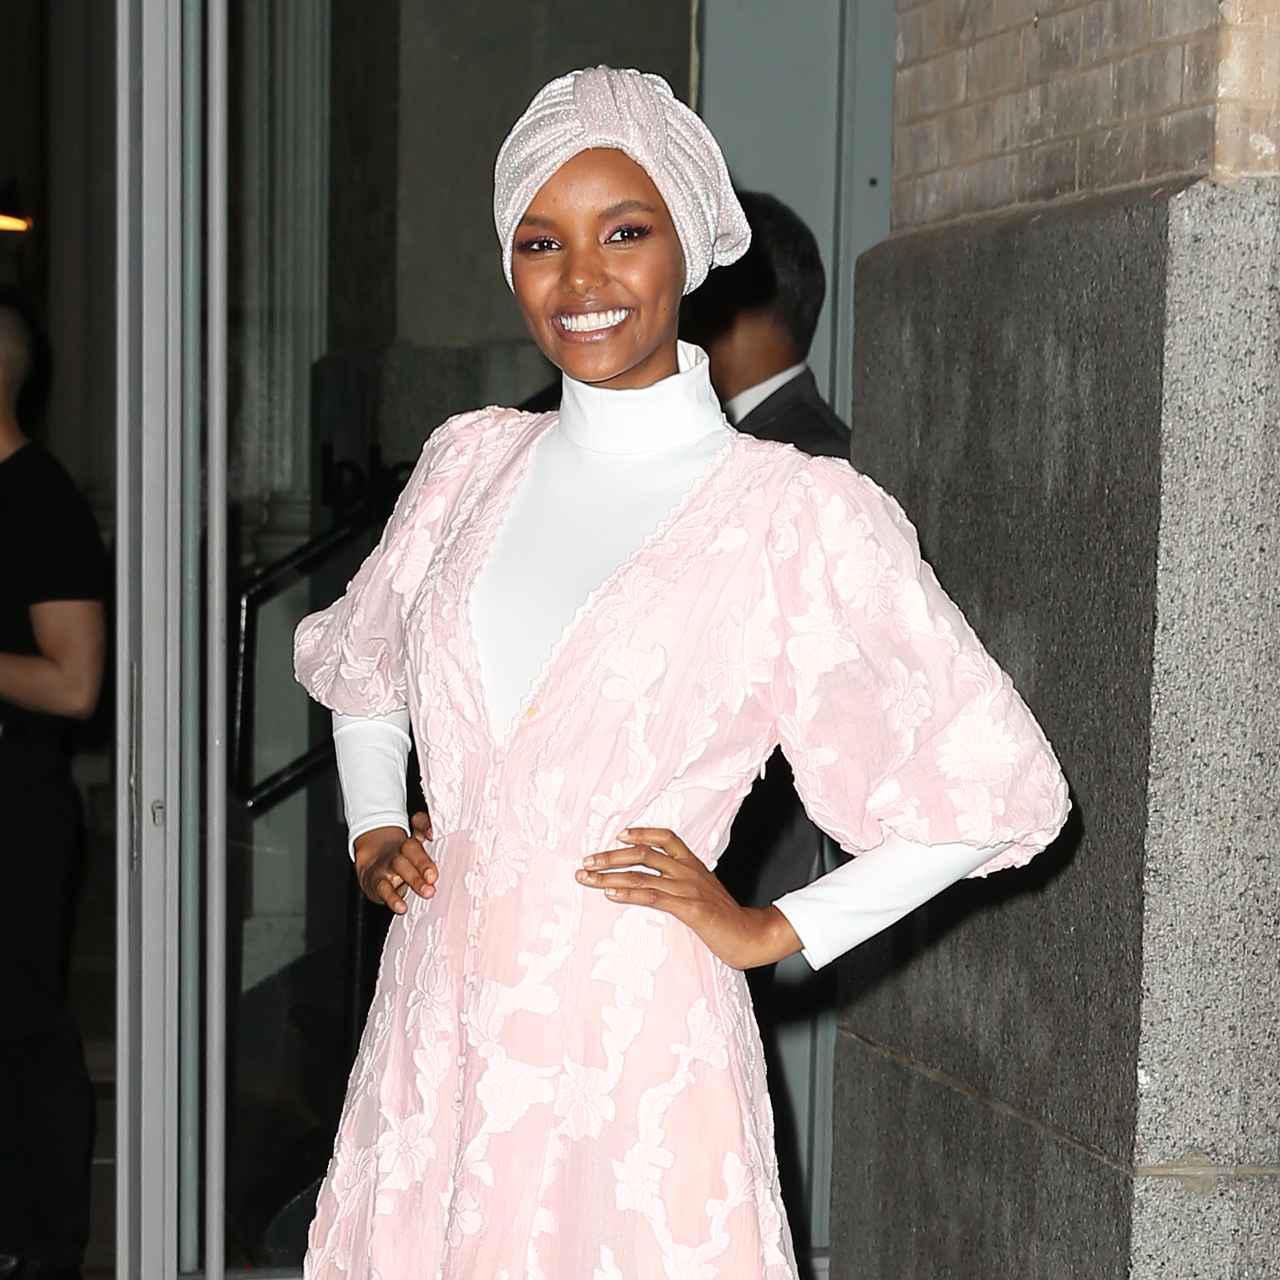 画像1: ヒジャブを被ったモデルとして注目を集める